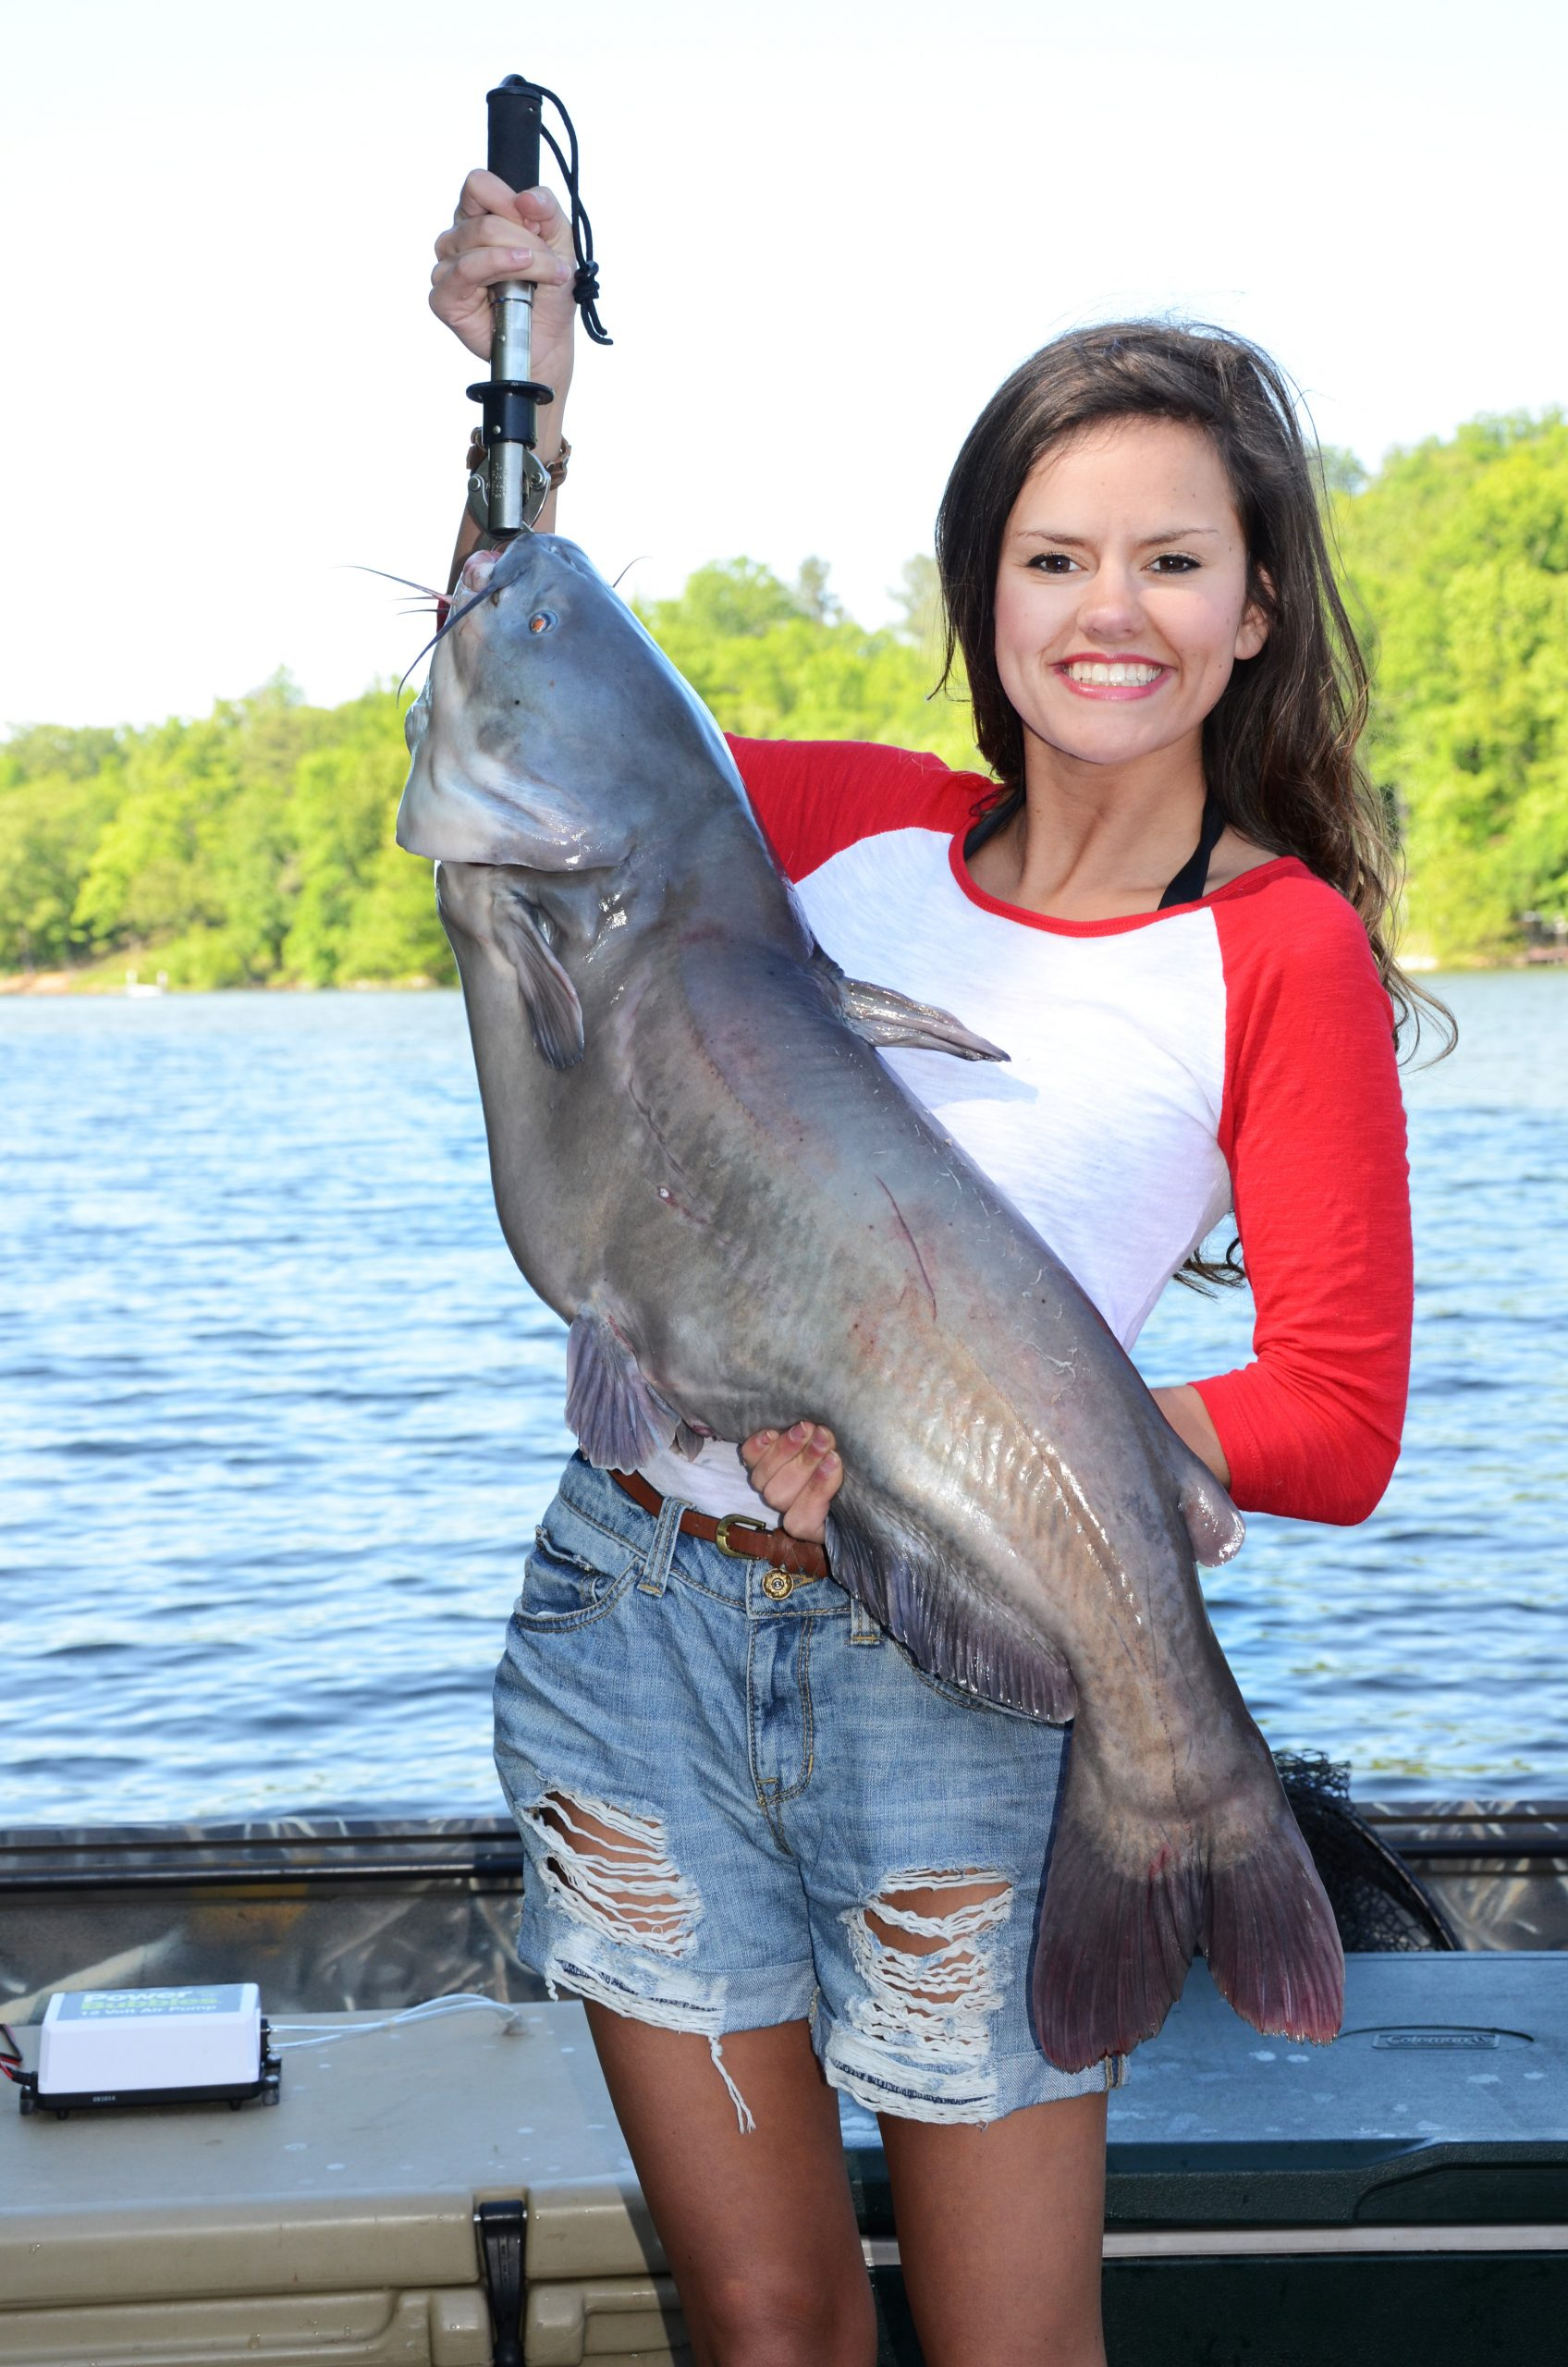 jug fishing for catfish in alabama, jug fishing for catfish in alabama